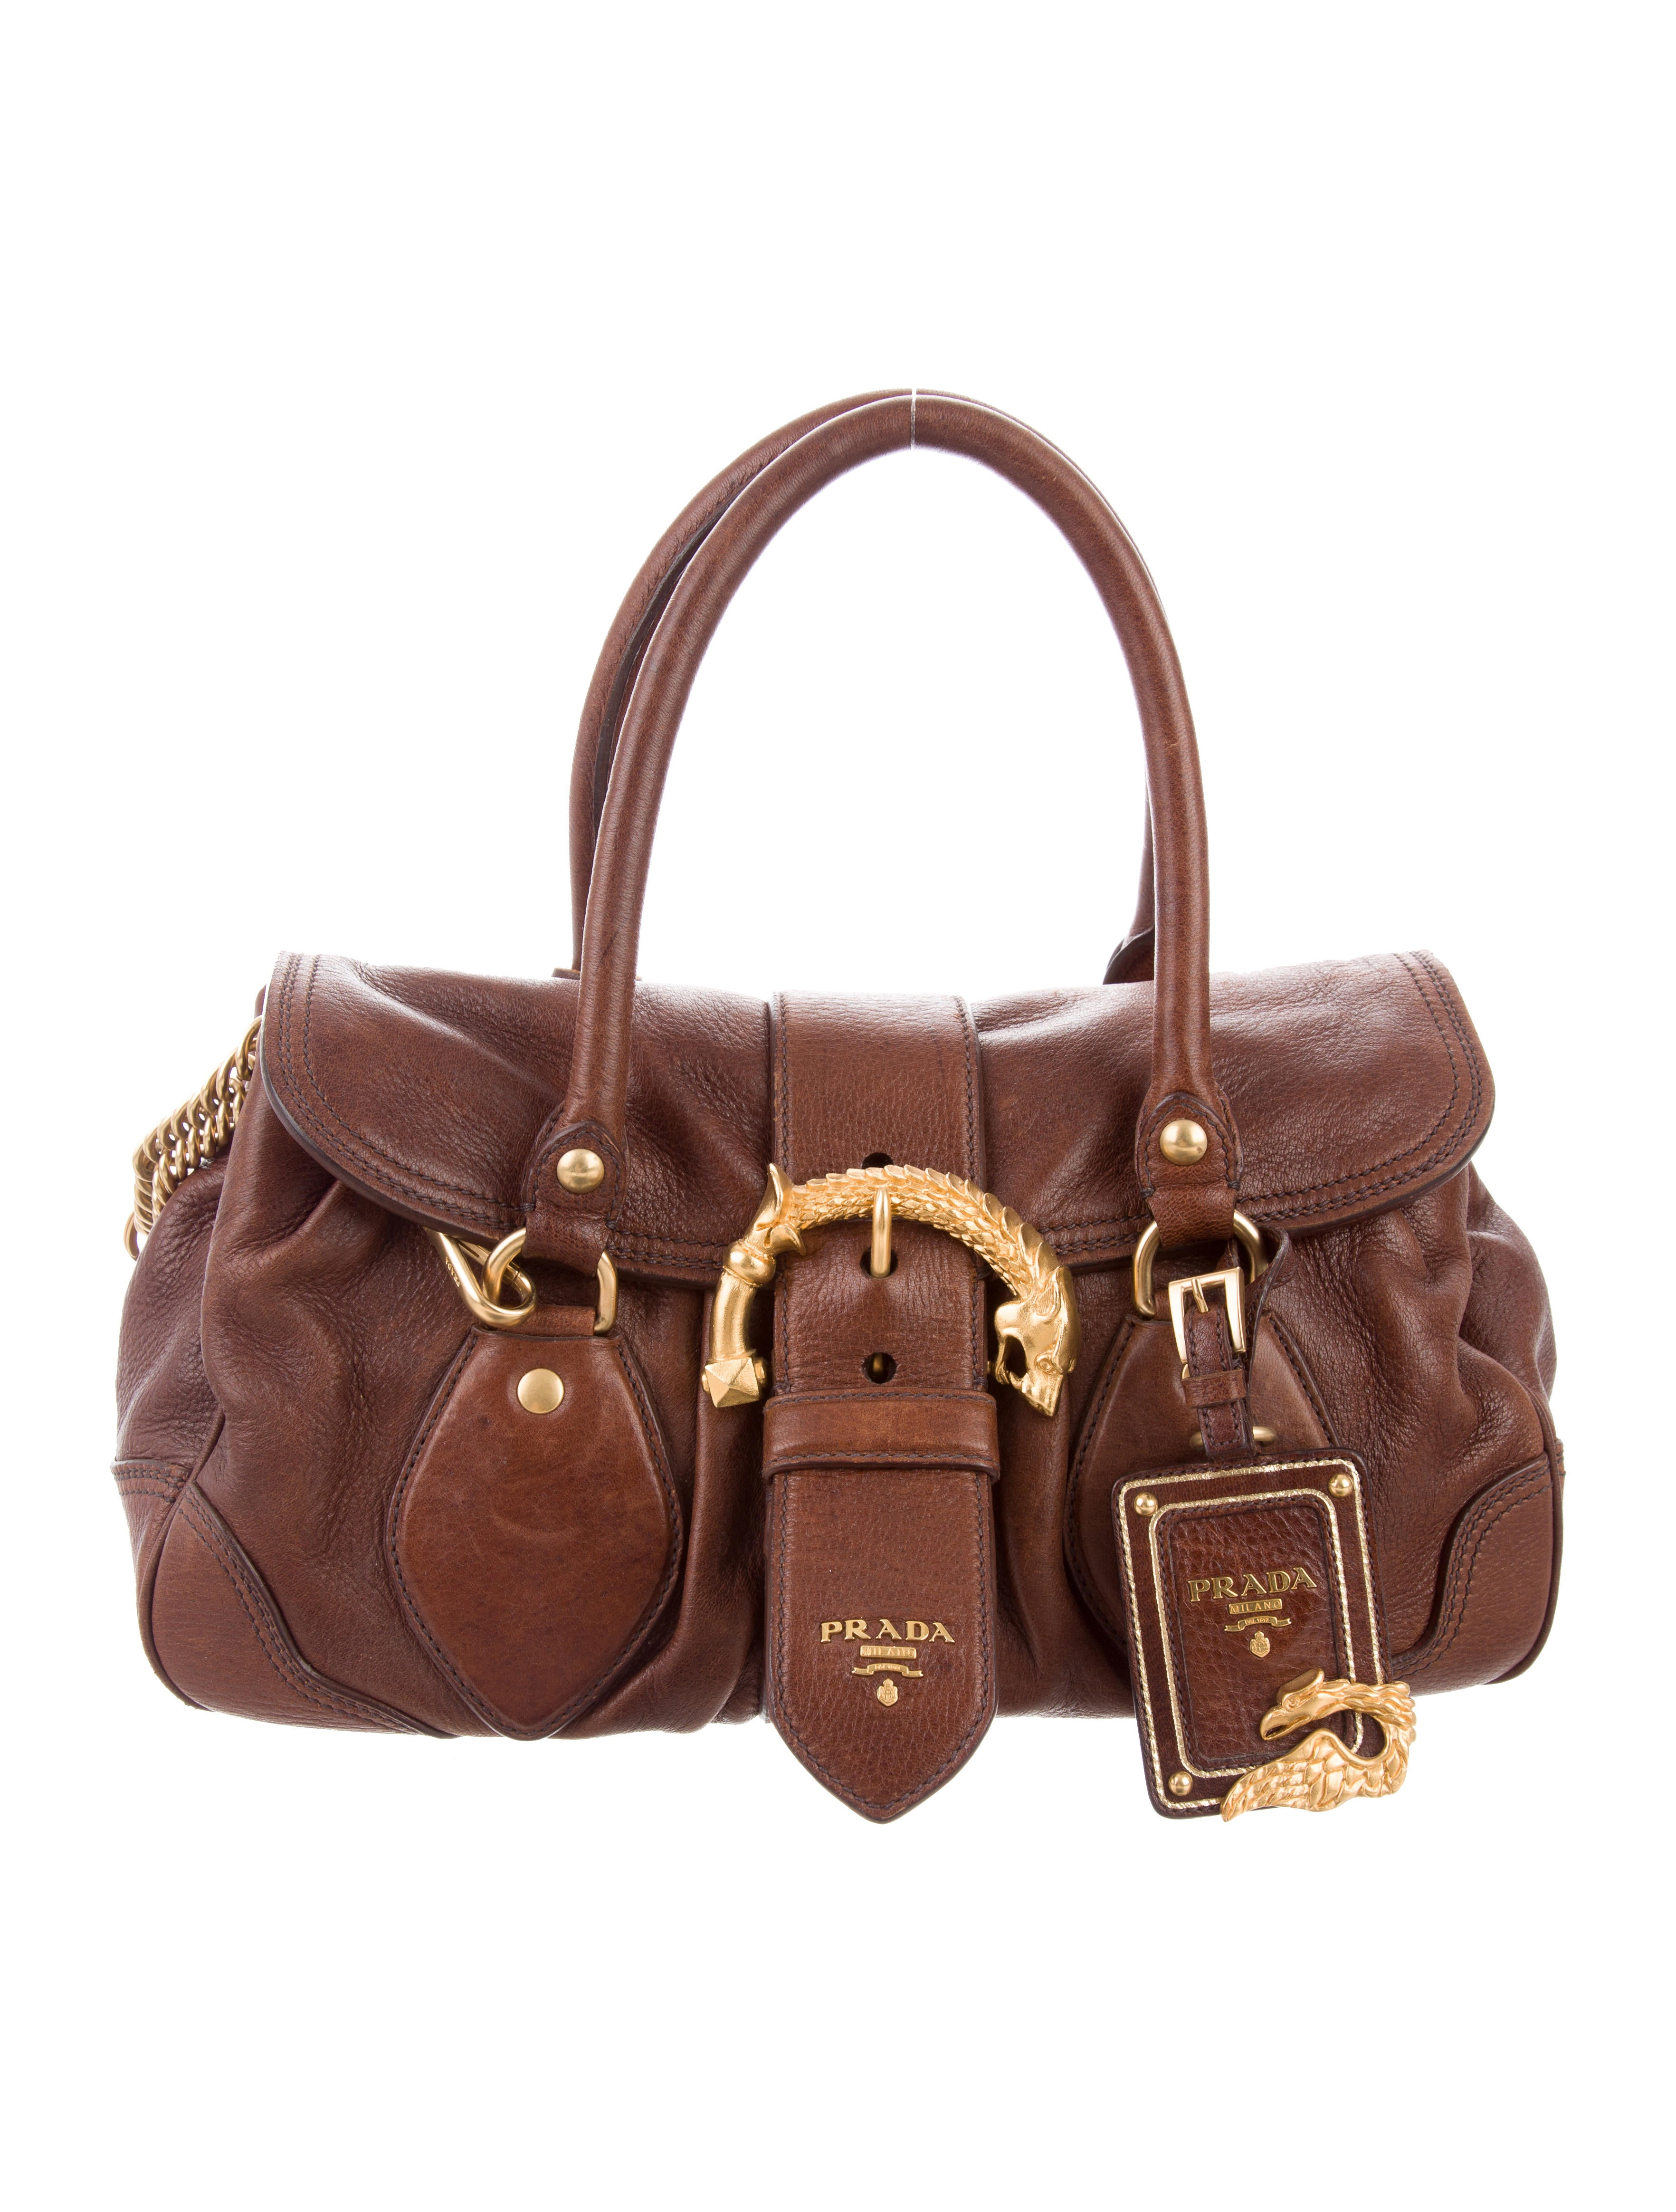 914babc1ca0a Prada Cervo Animalier Bag - Handbags - PRA184729